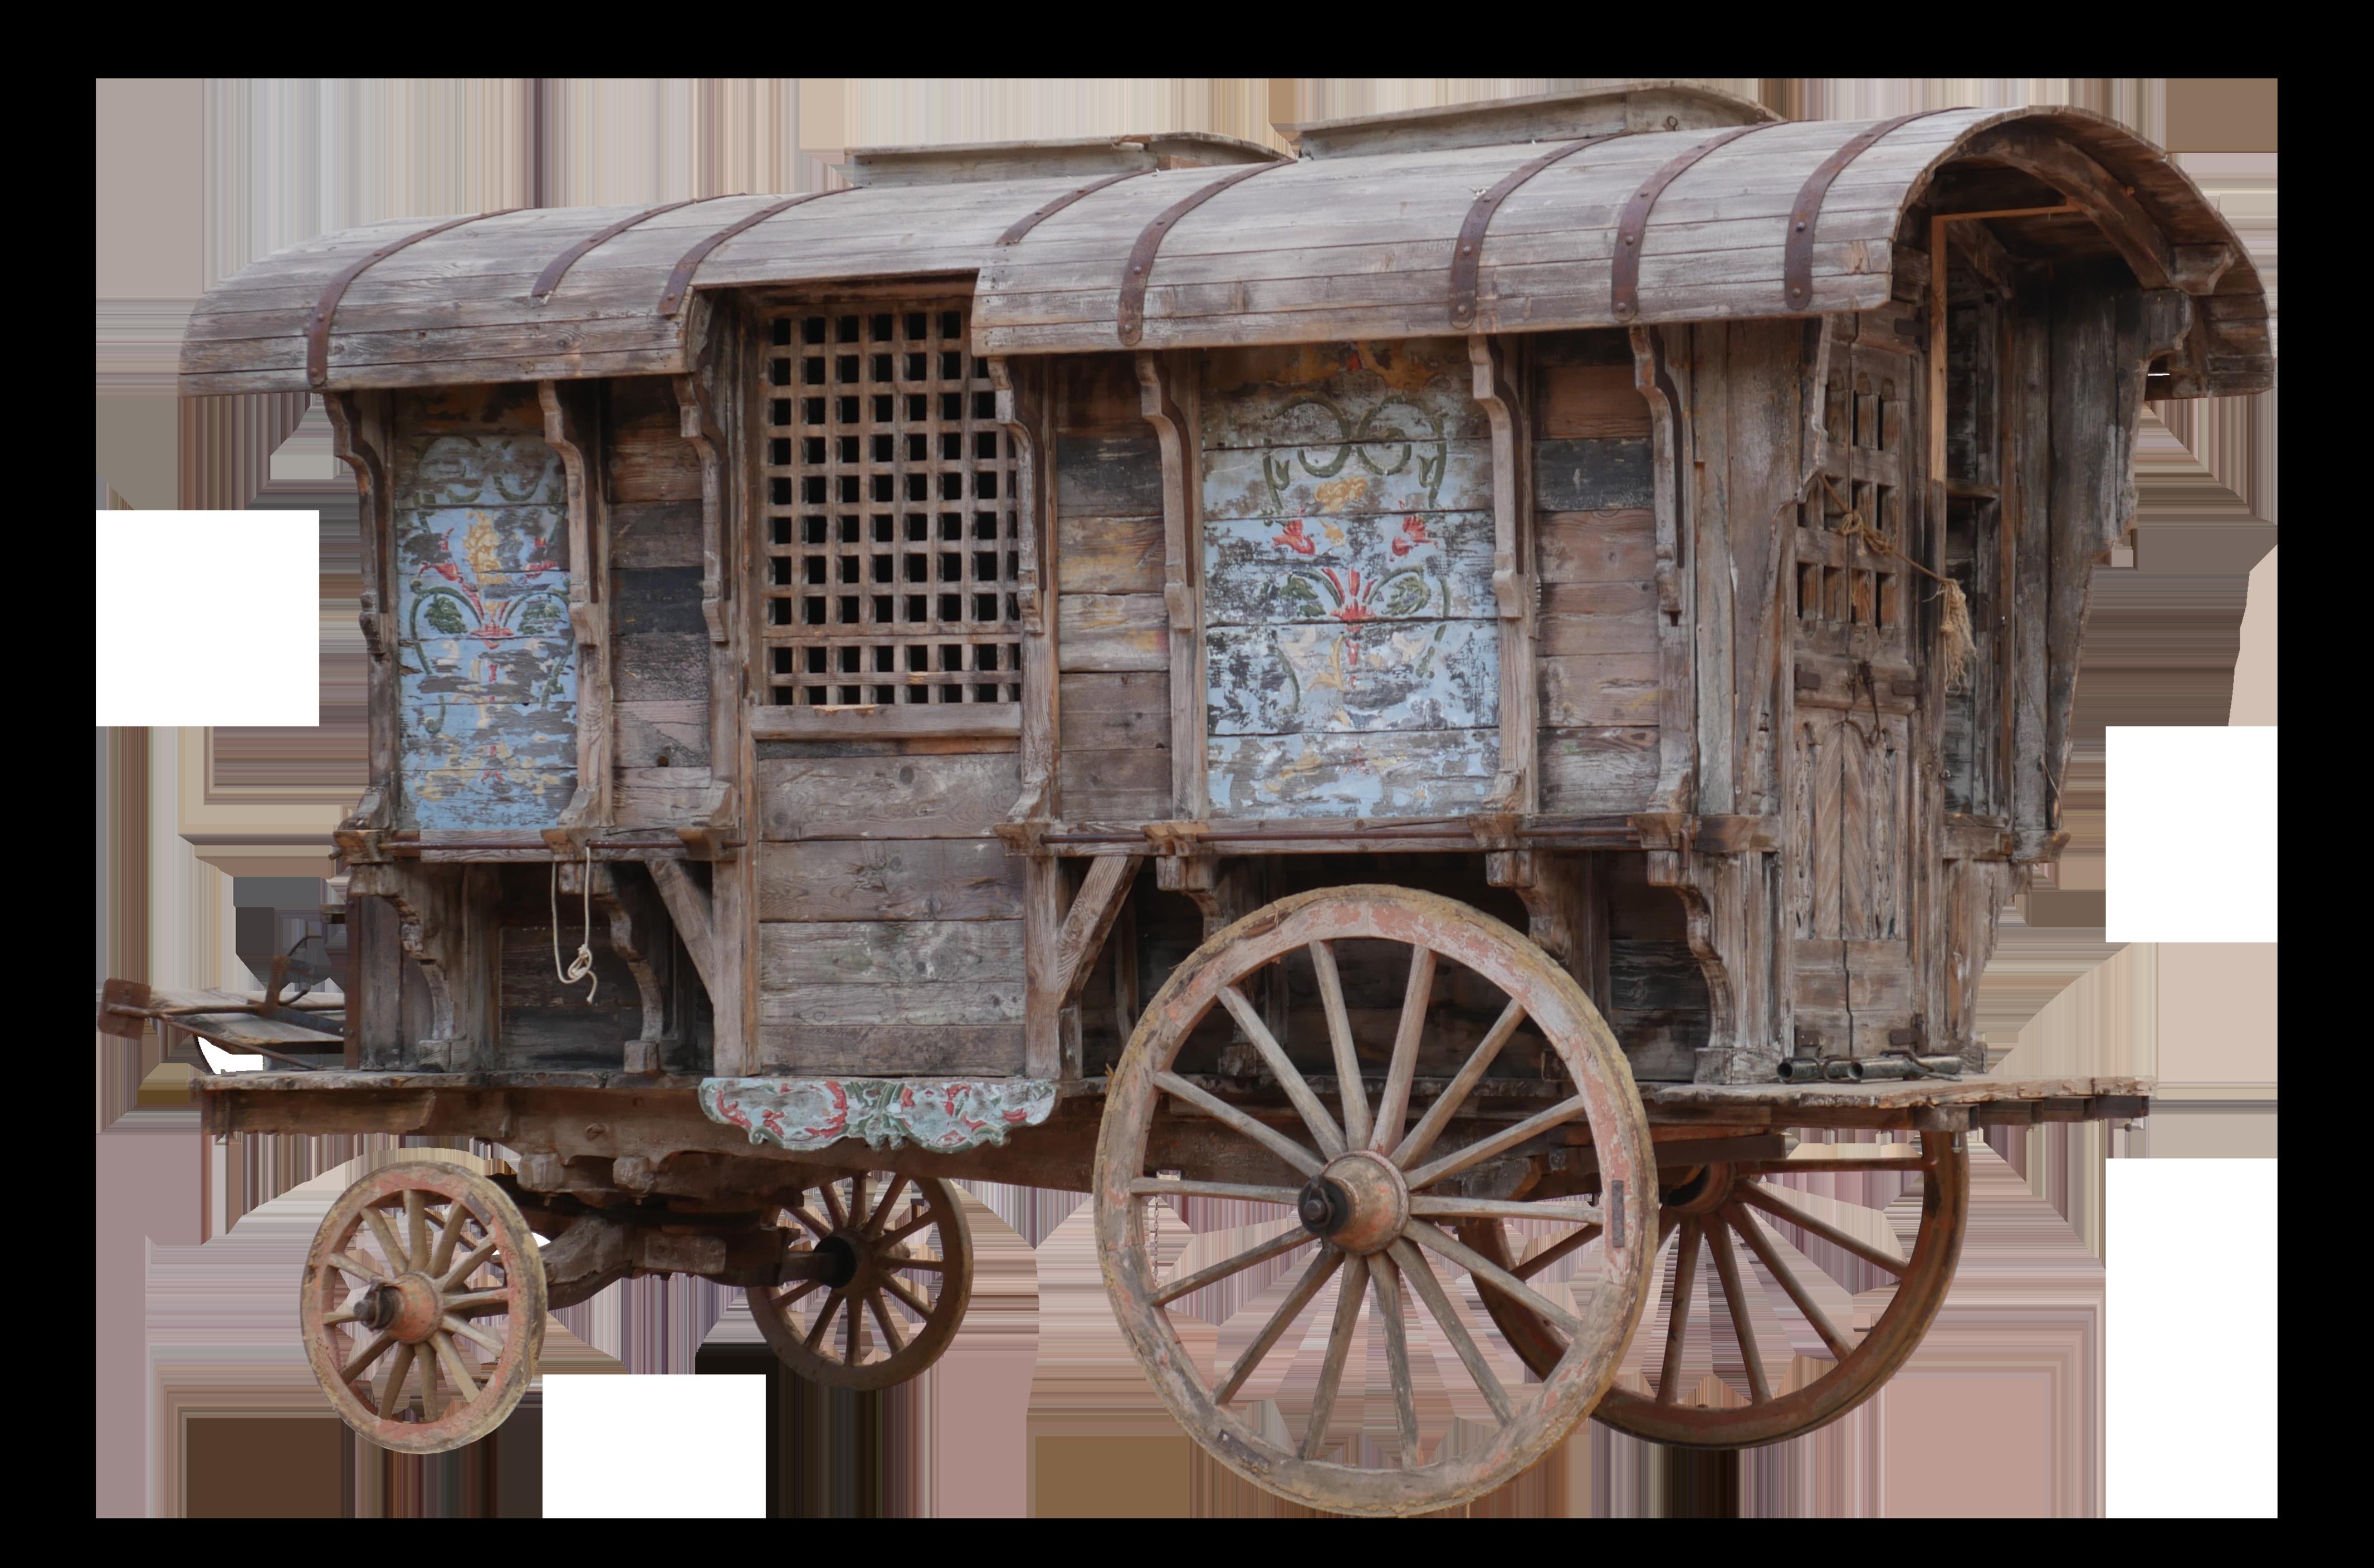 Gypsy wagon old dreamstime